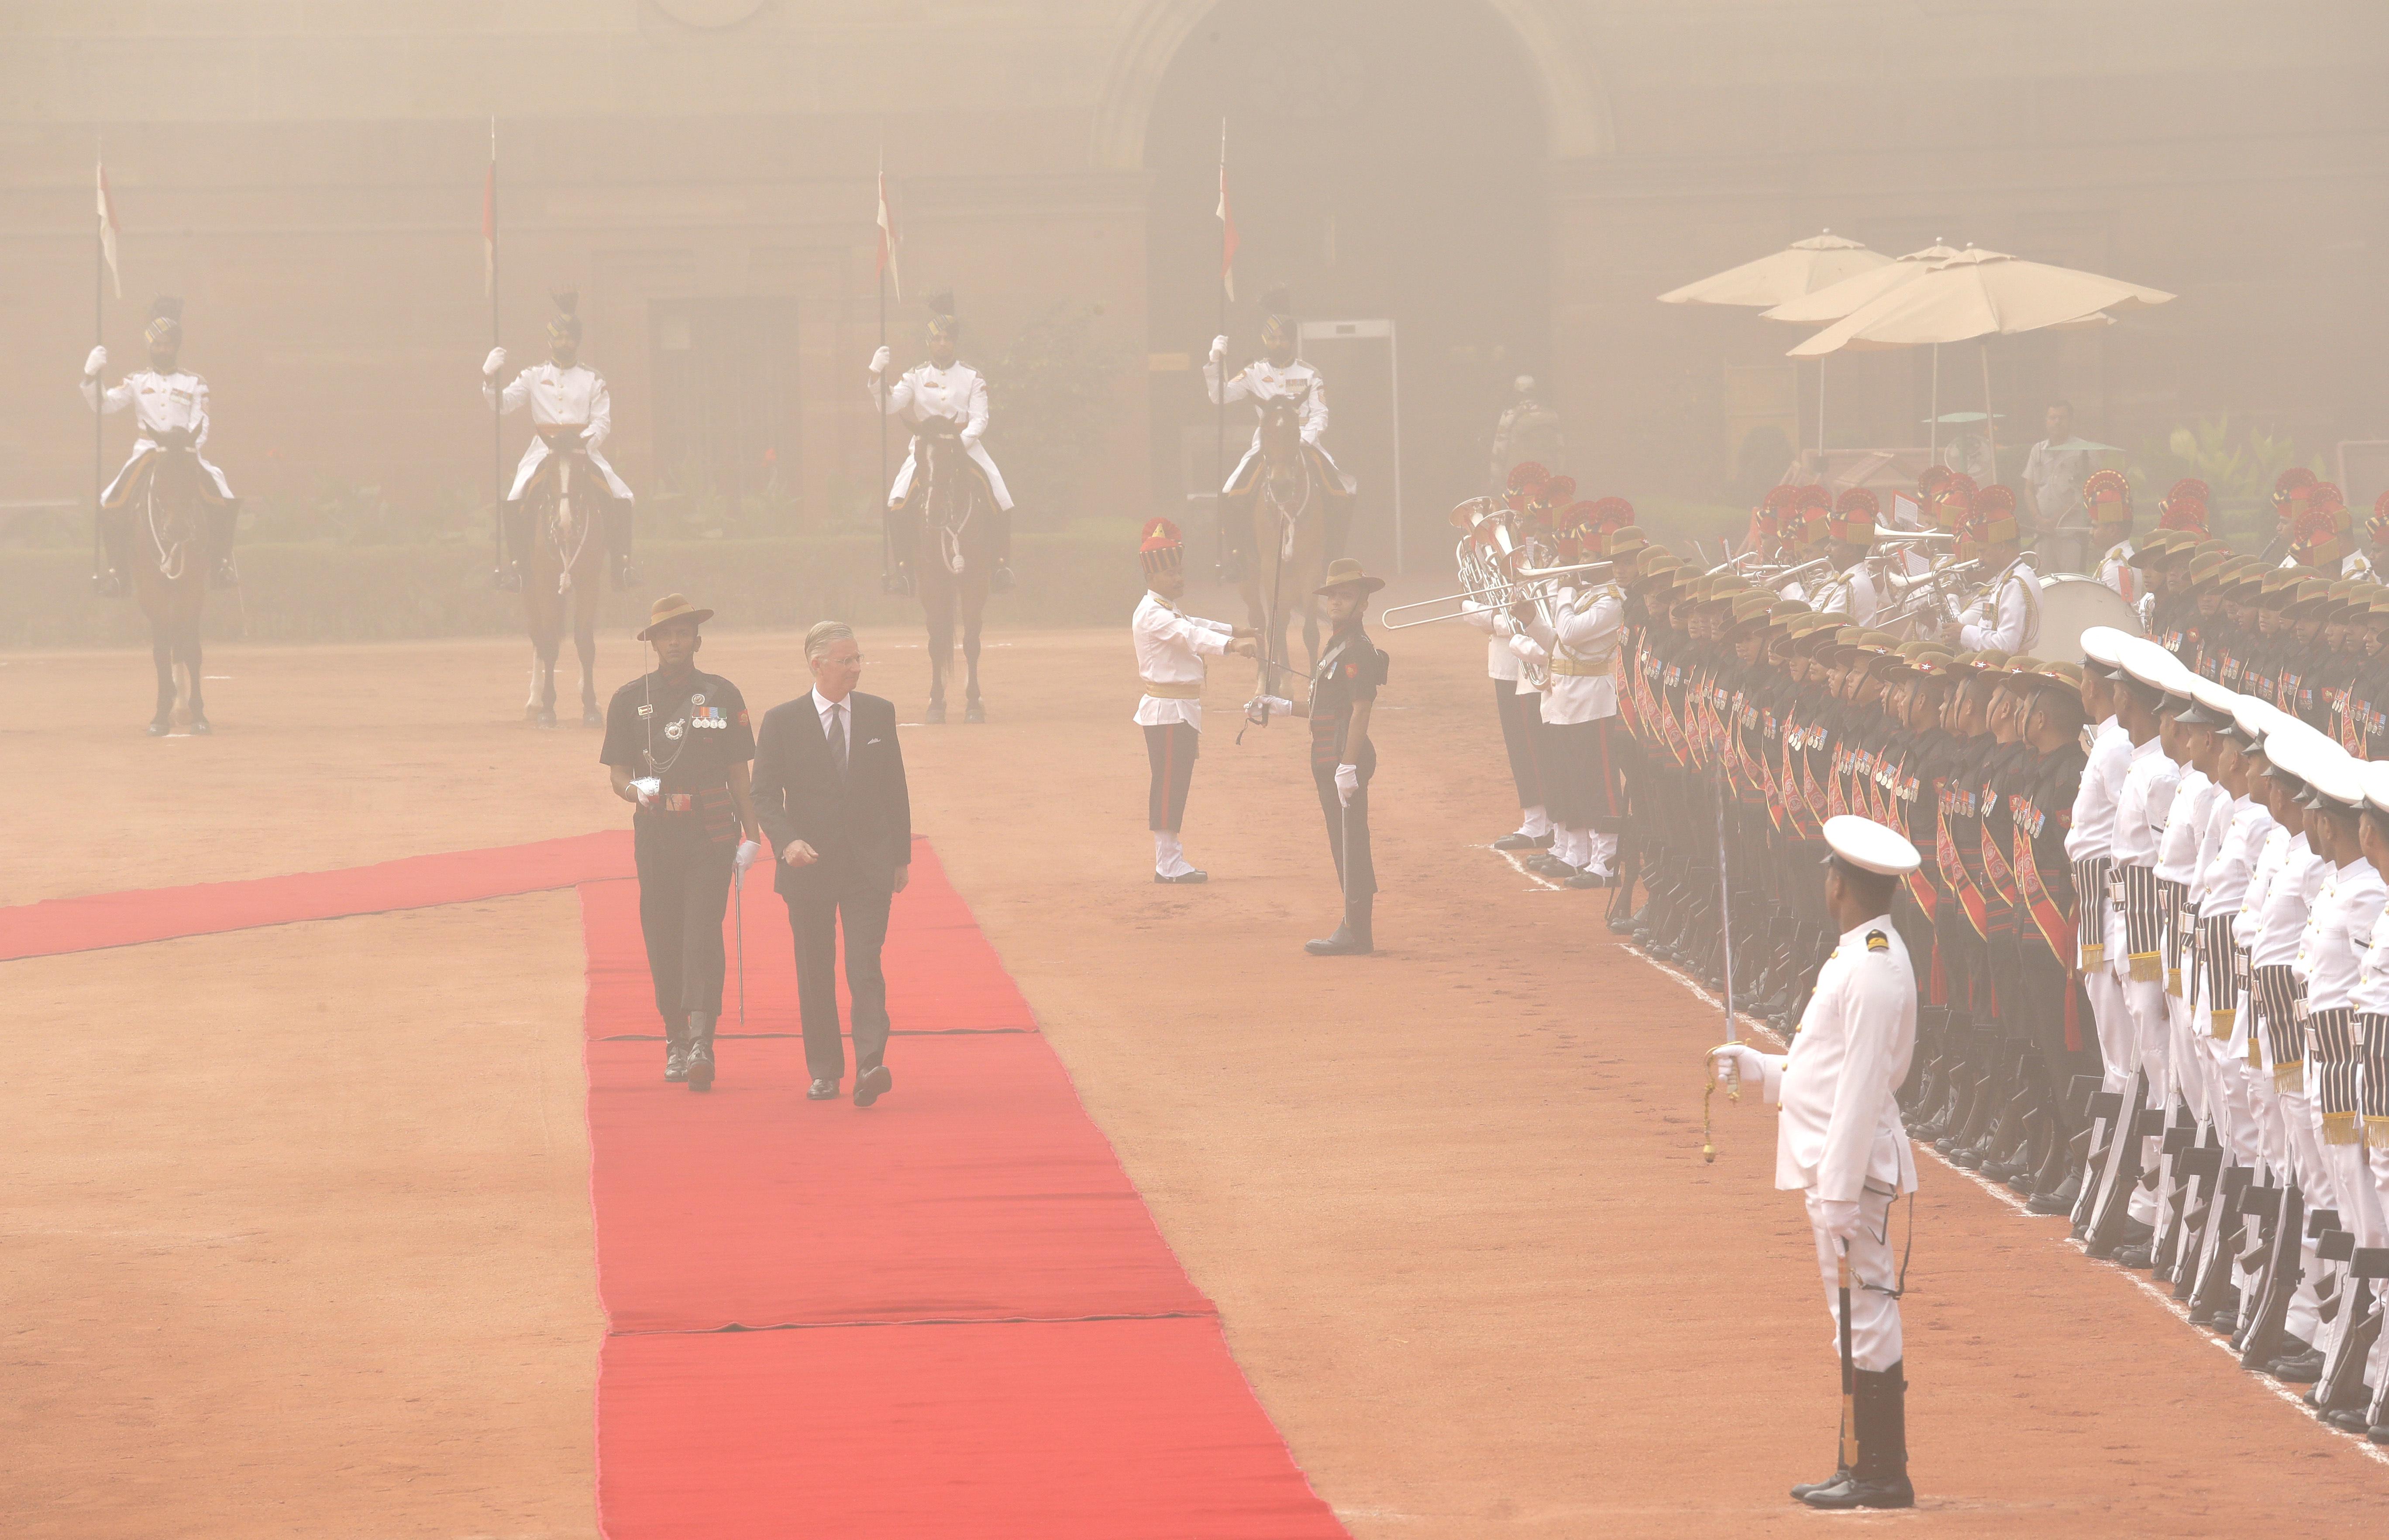 India-Delhi-Smog